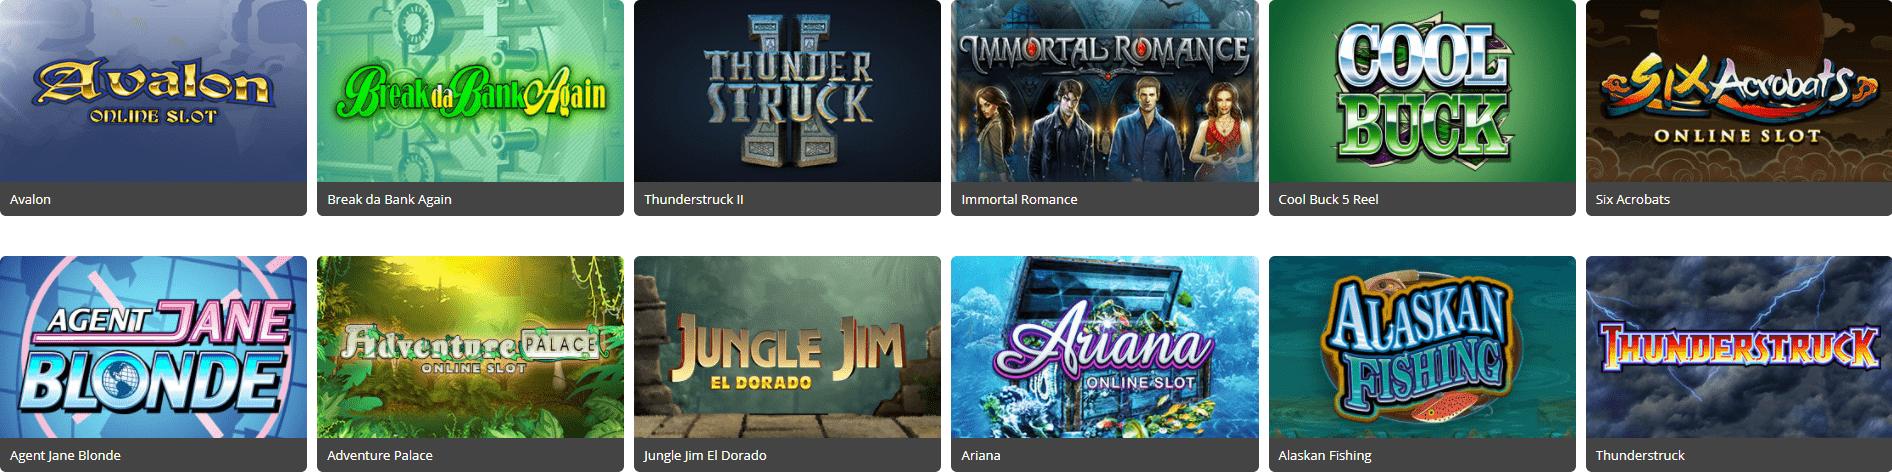 Lista de juegos royal vegas casino